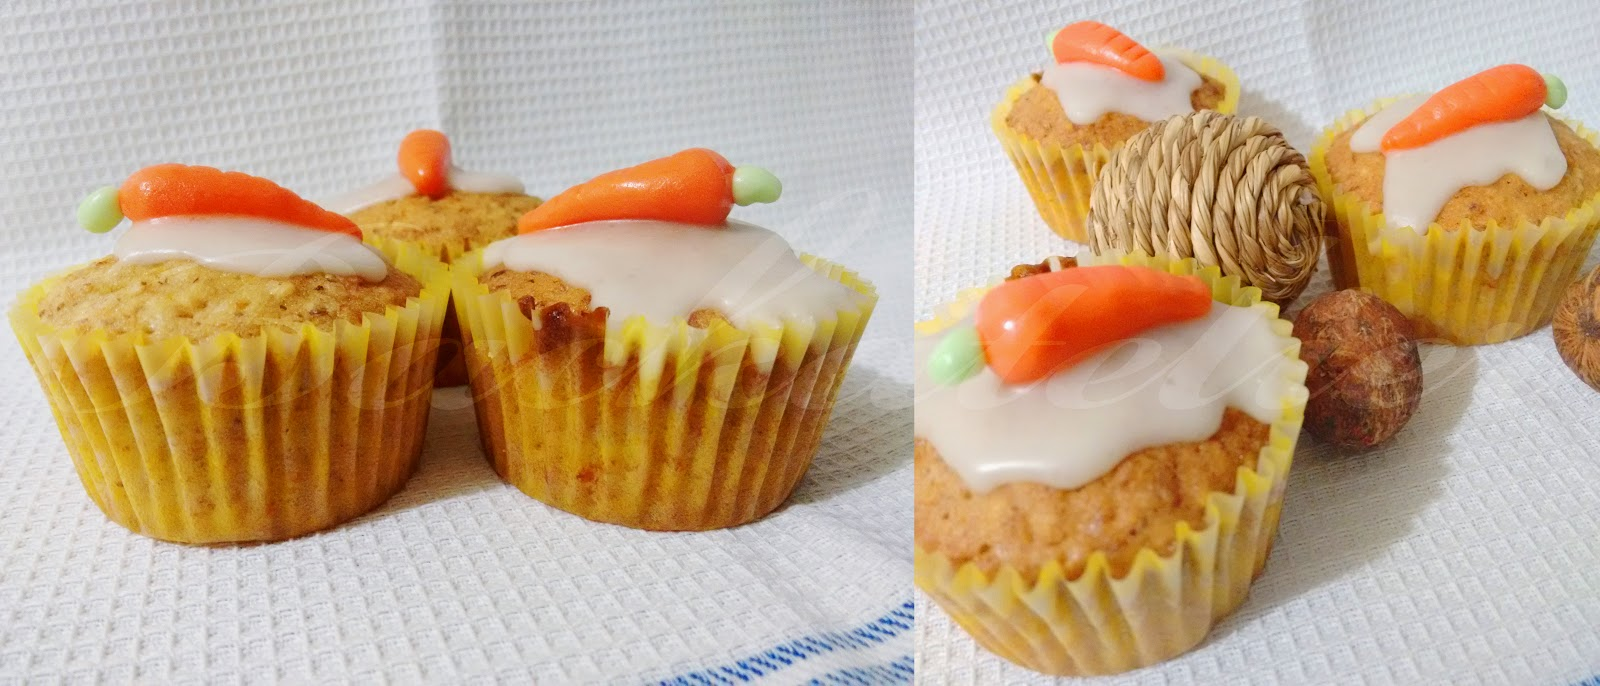 Berühmt Muffin Färbung Seite Fotos - Malvorlagen-Ideen ...